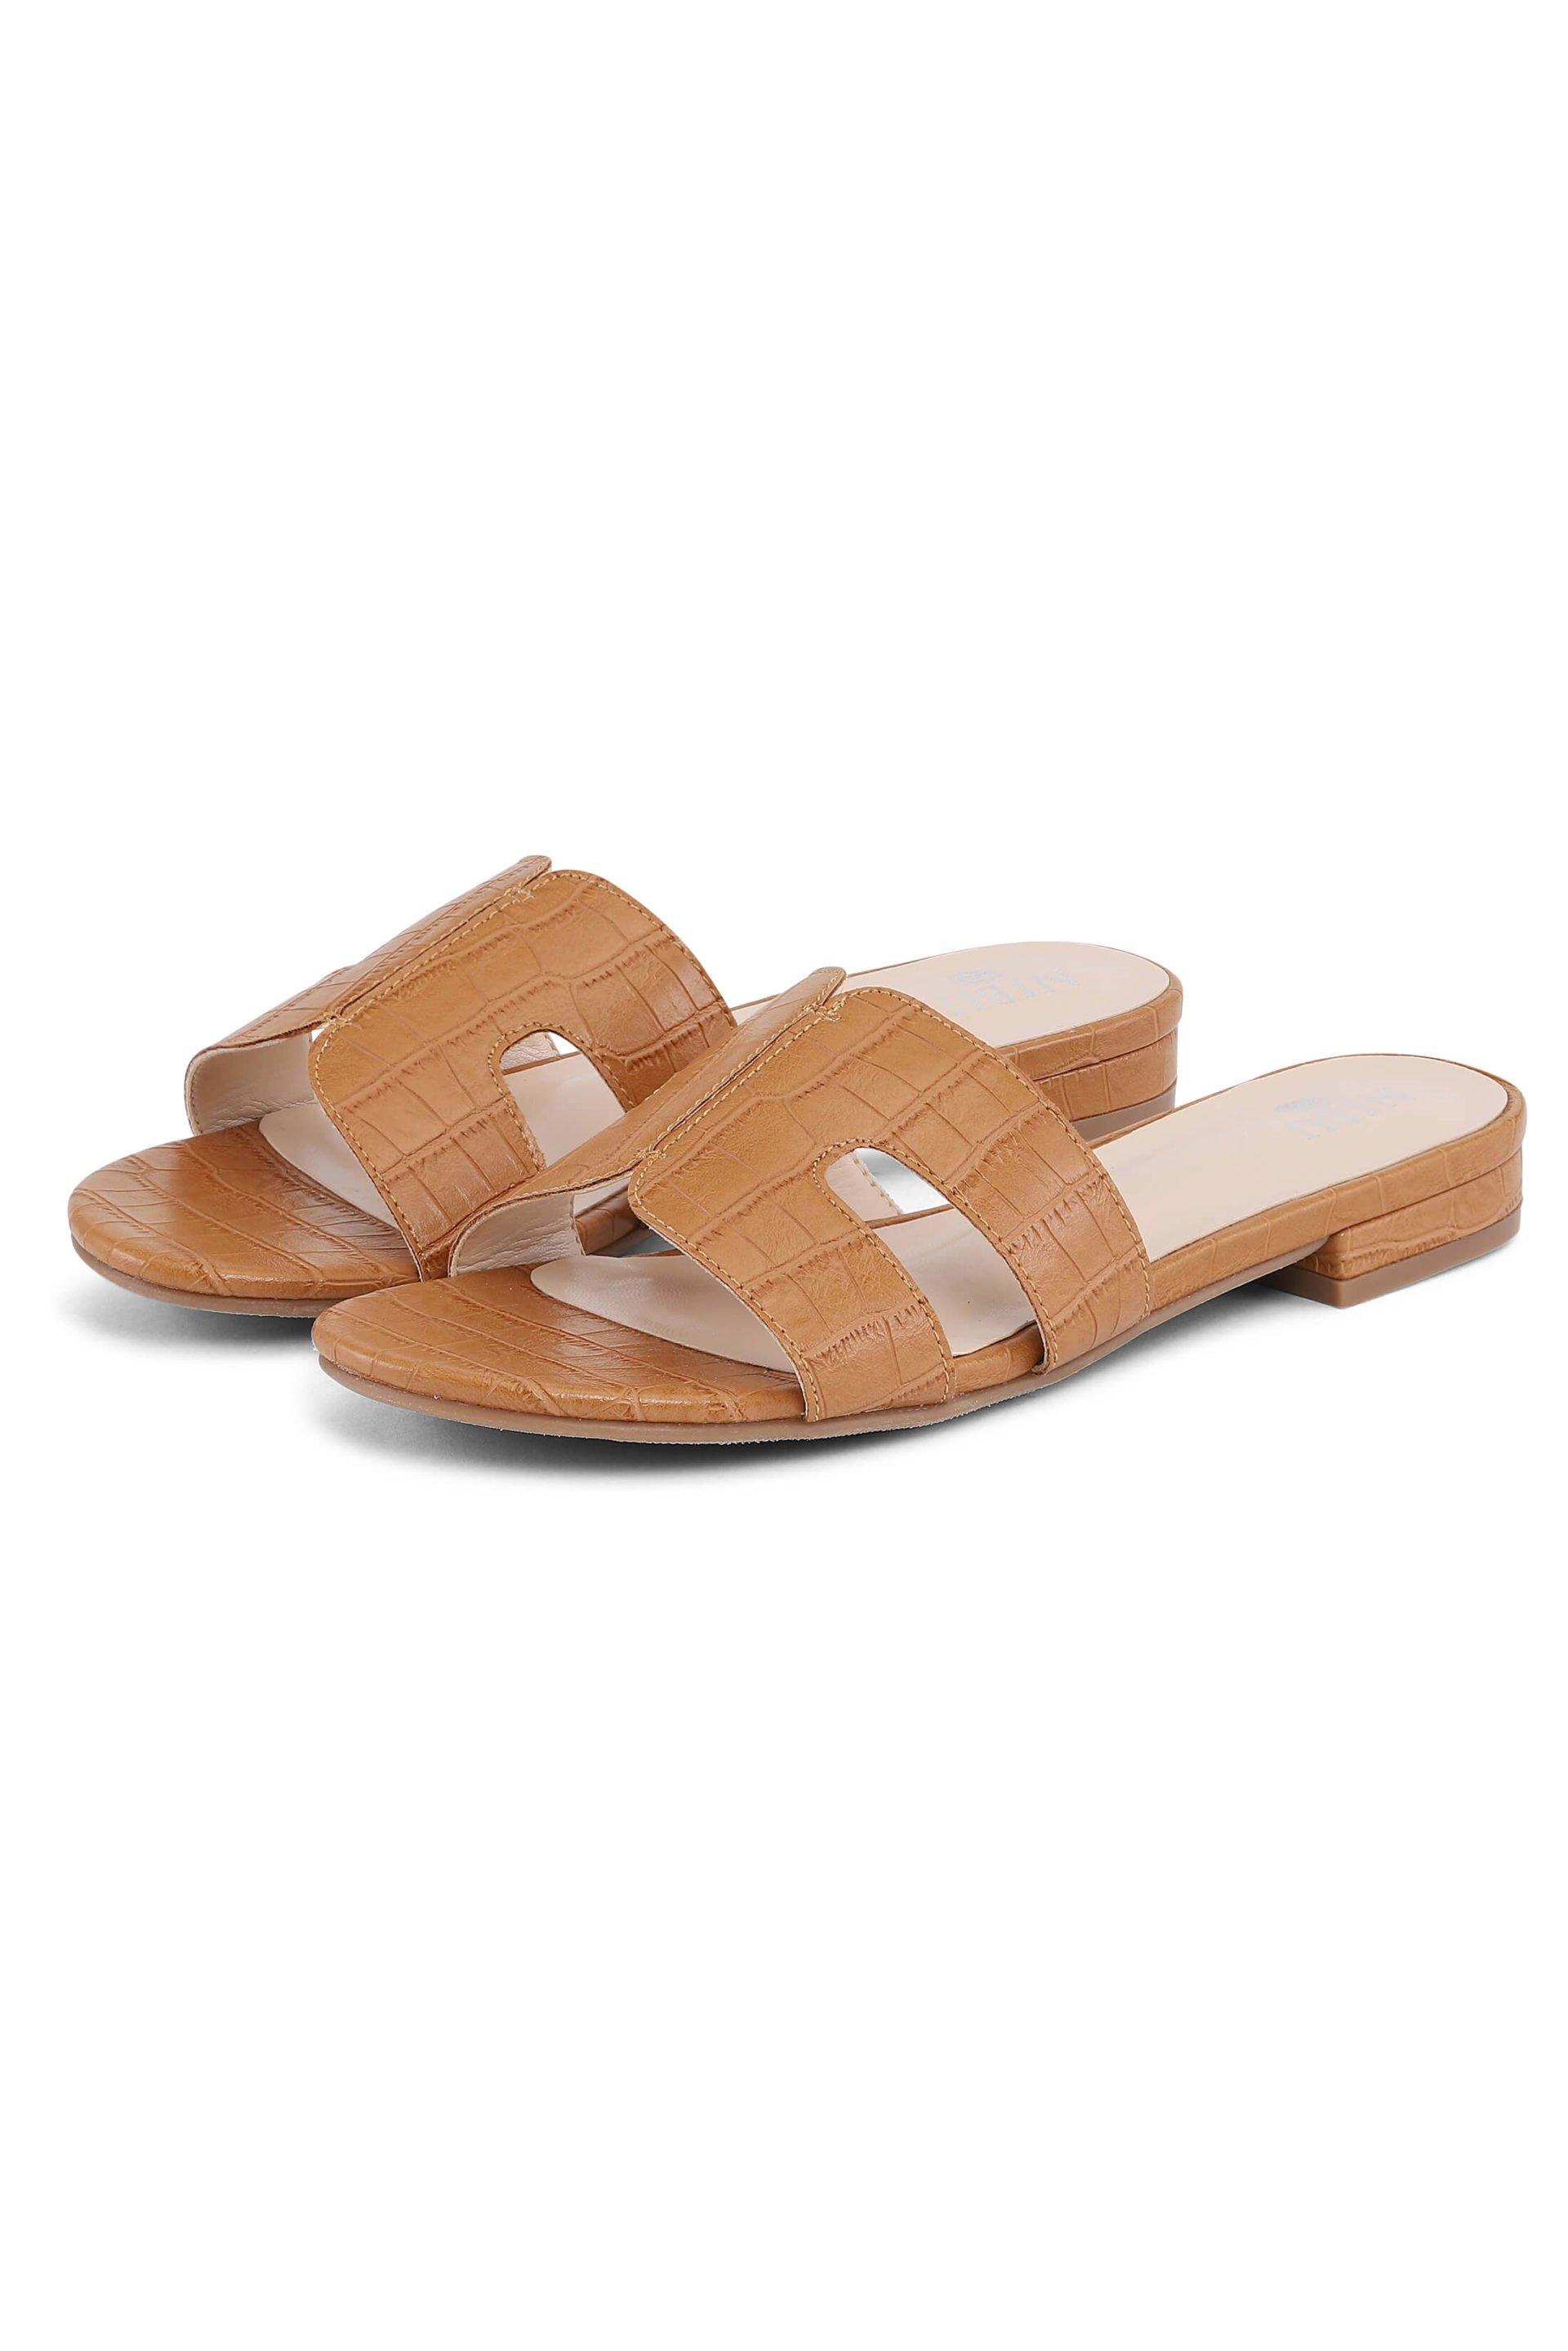 Soft light-brown sandals